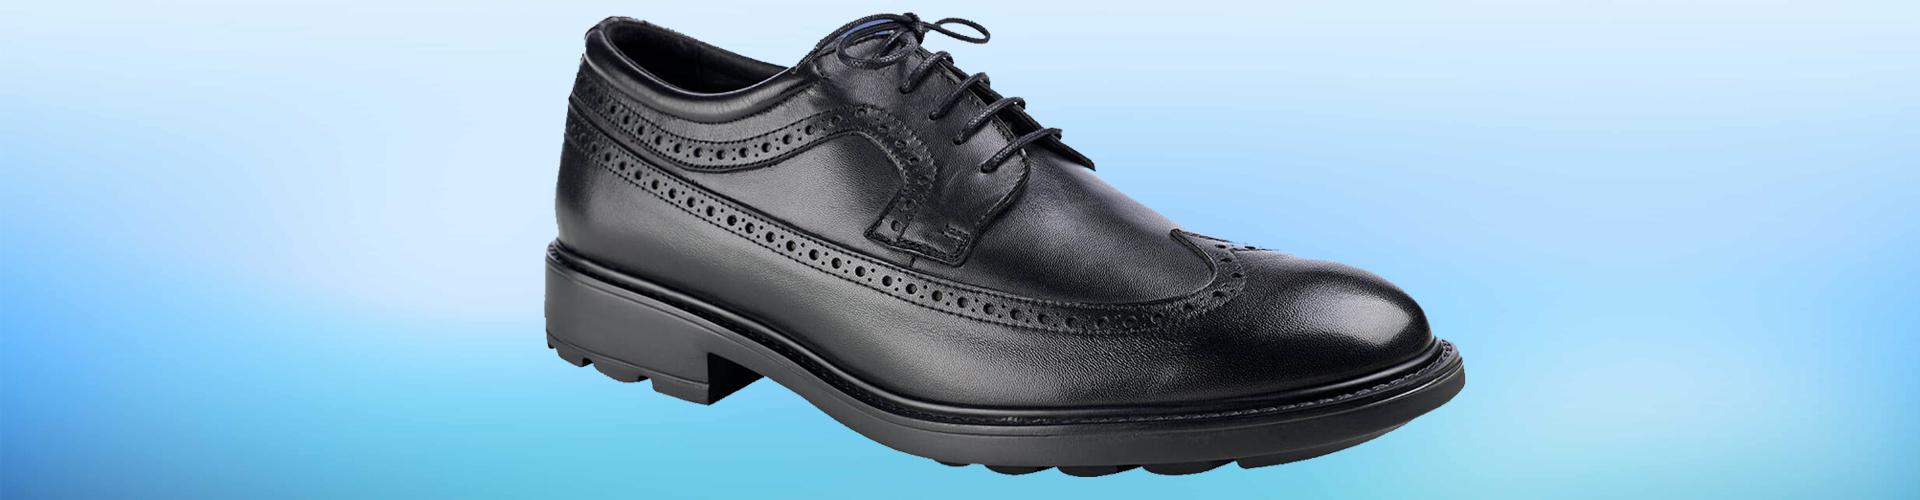 zapato-tallas-grandes